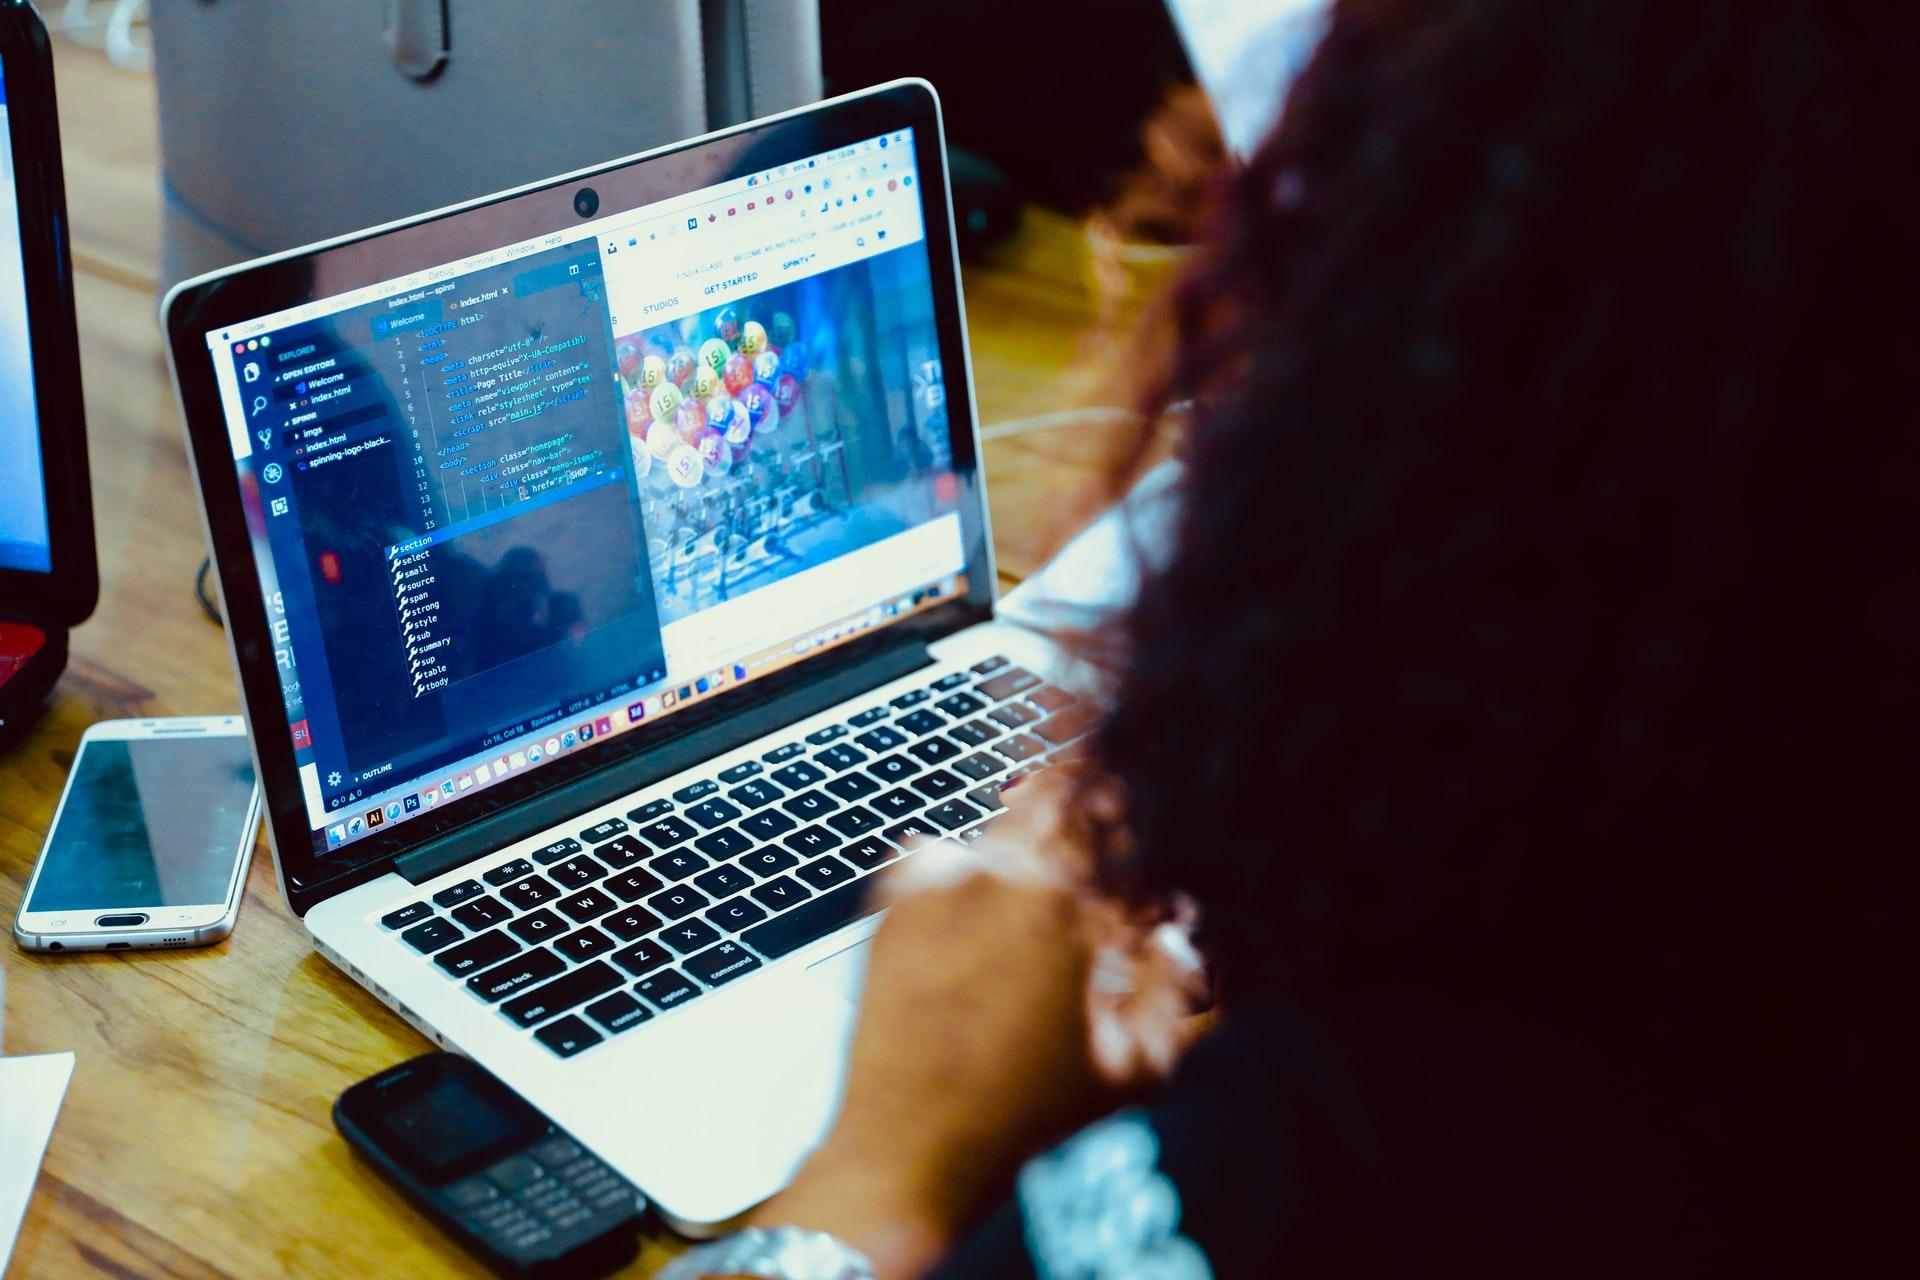 HTMLとCSSの作業をする人